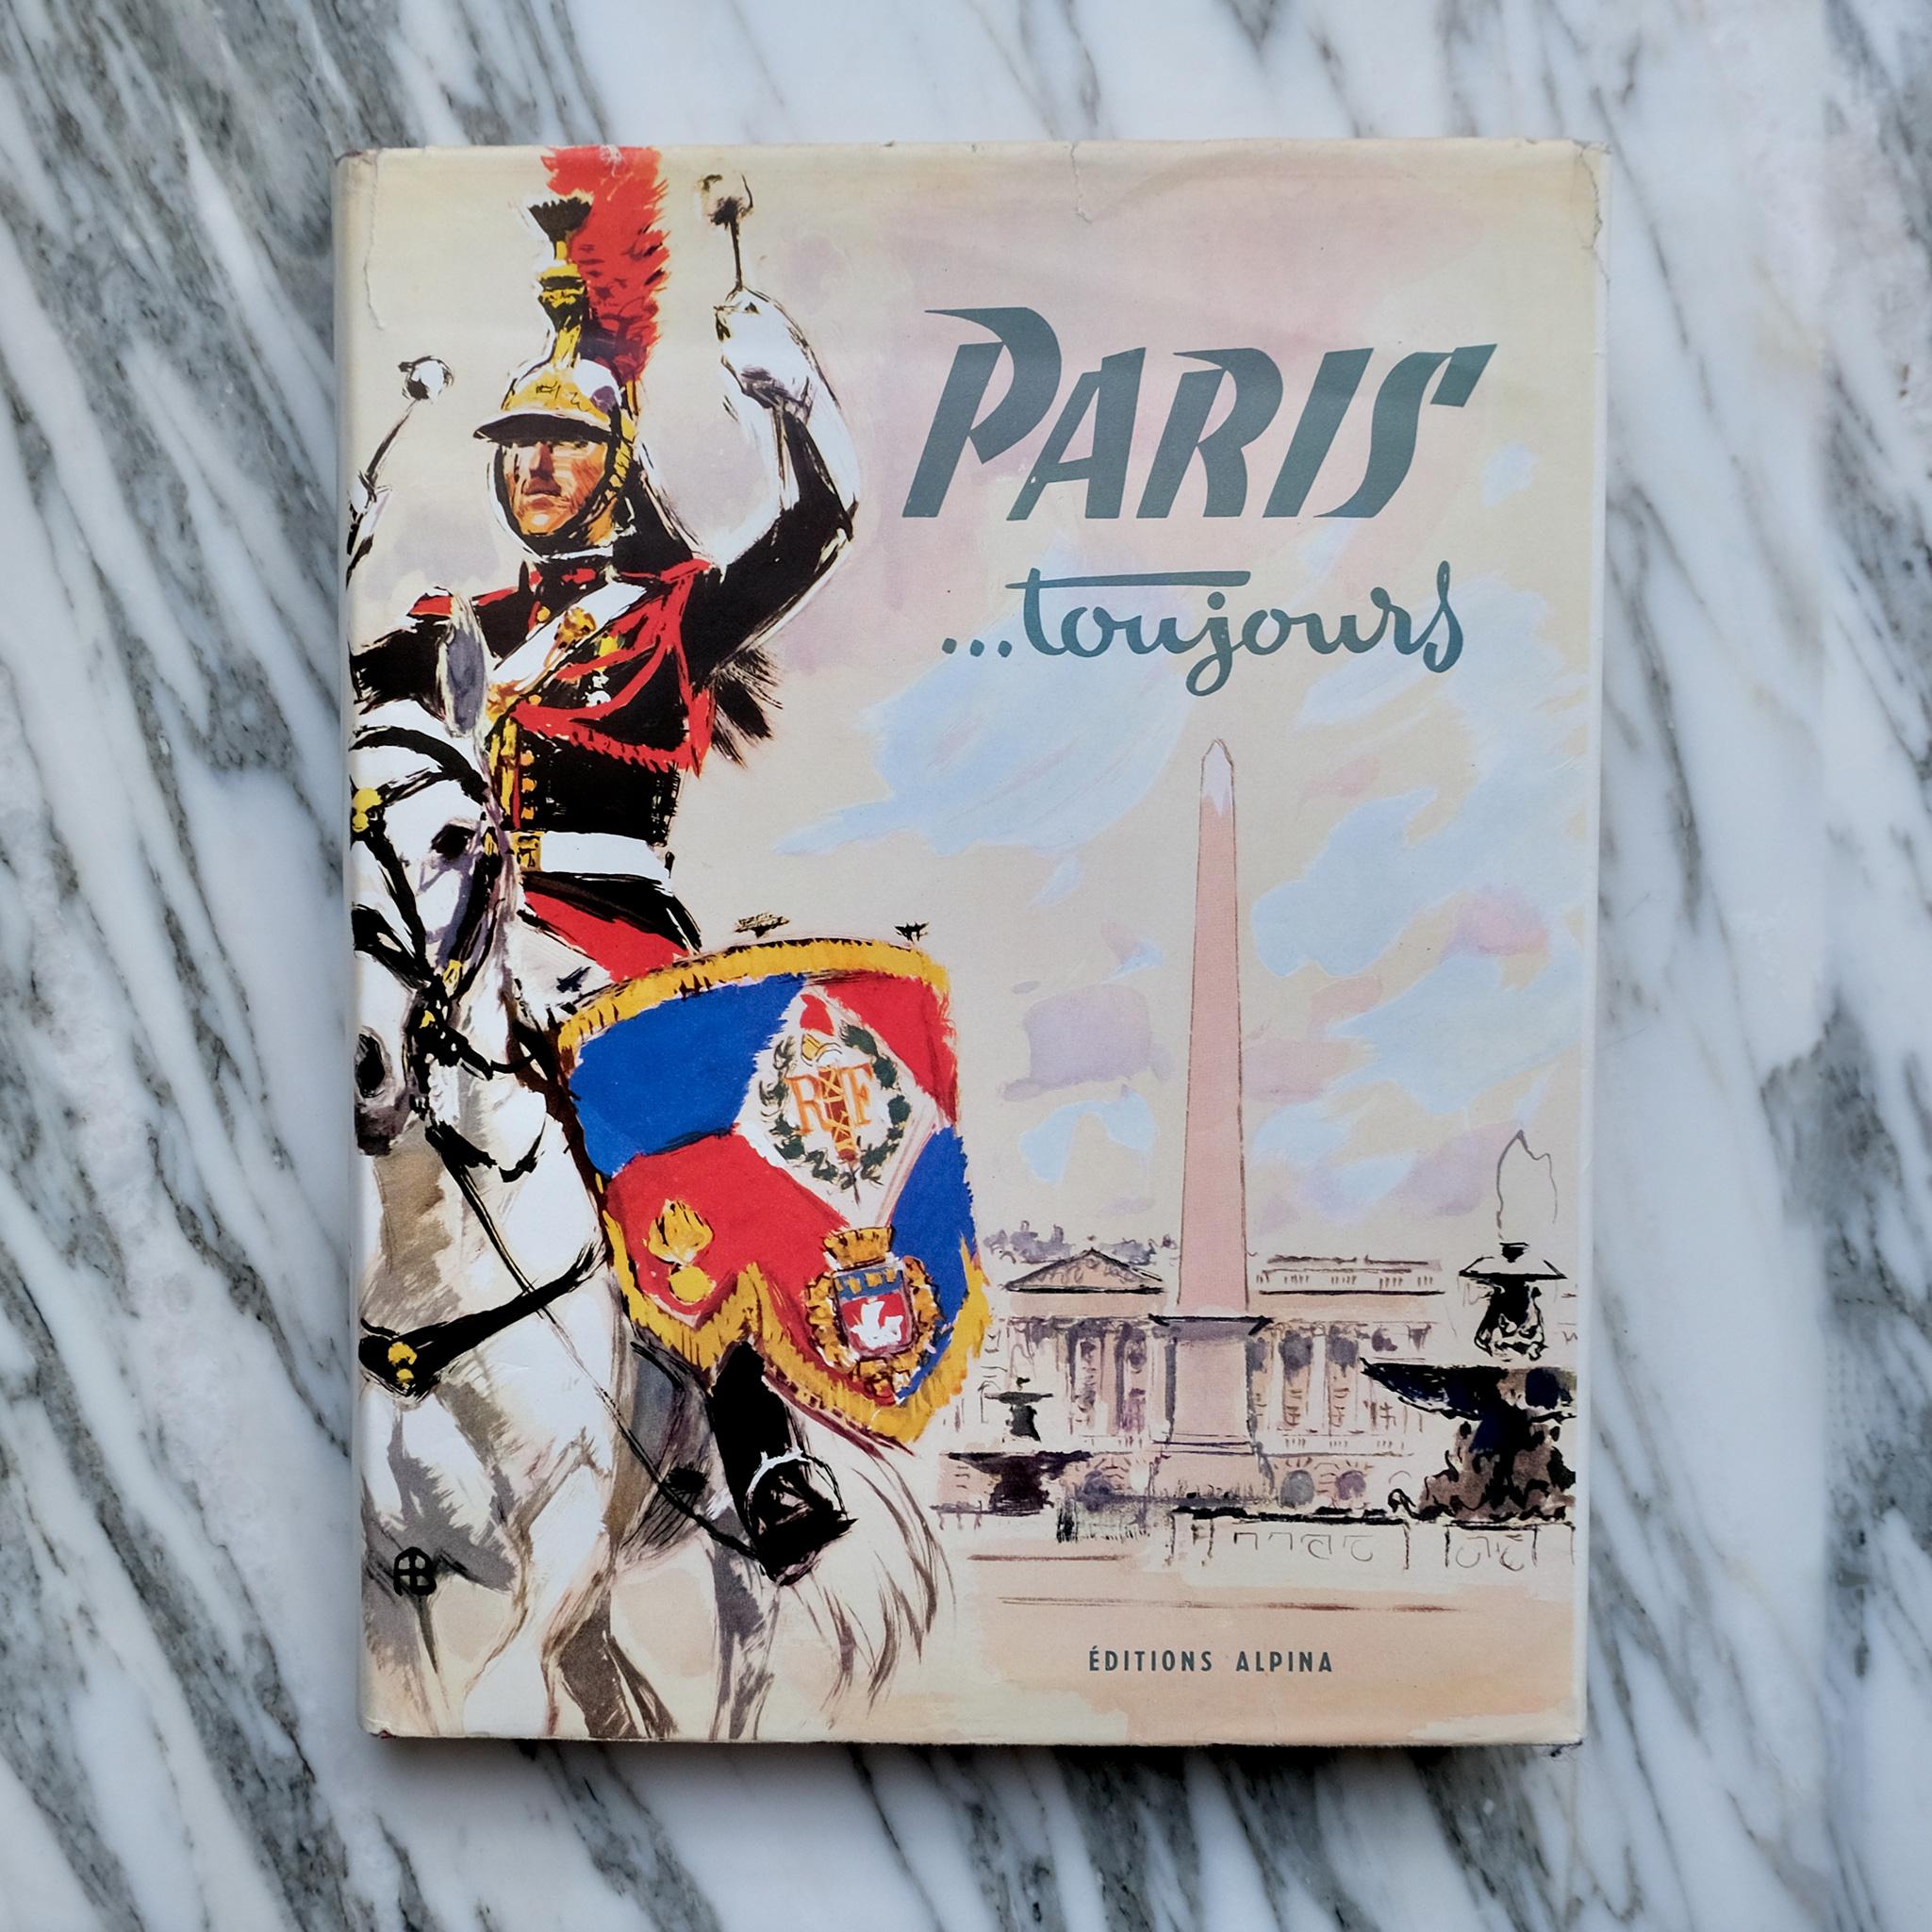 second bouquinistes auction Paris...Toujours